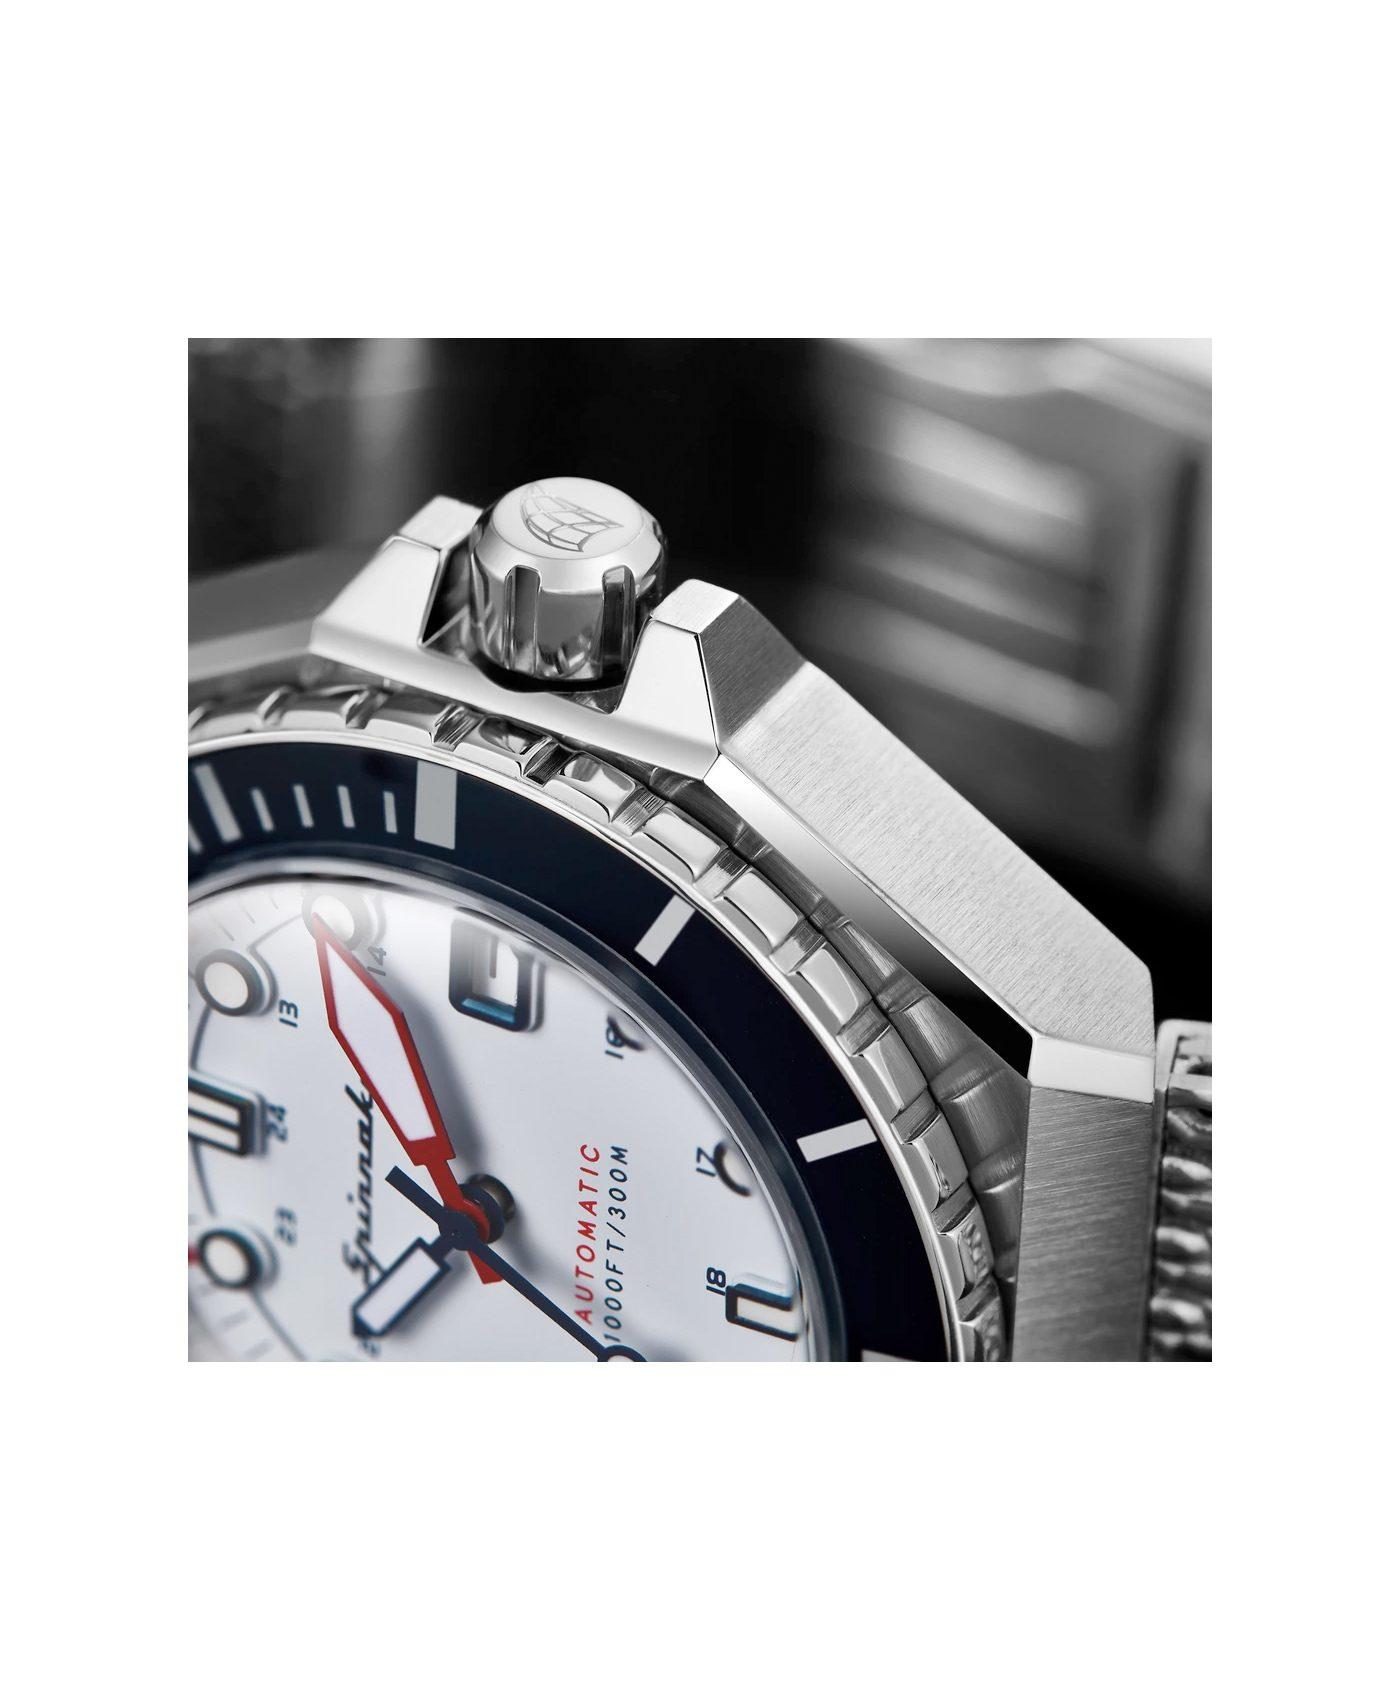 WB Spinnaker Dumas SP-5081 33 Detail